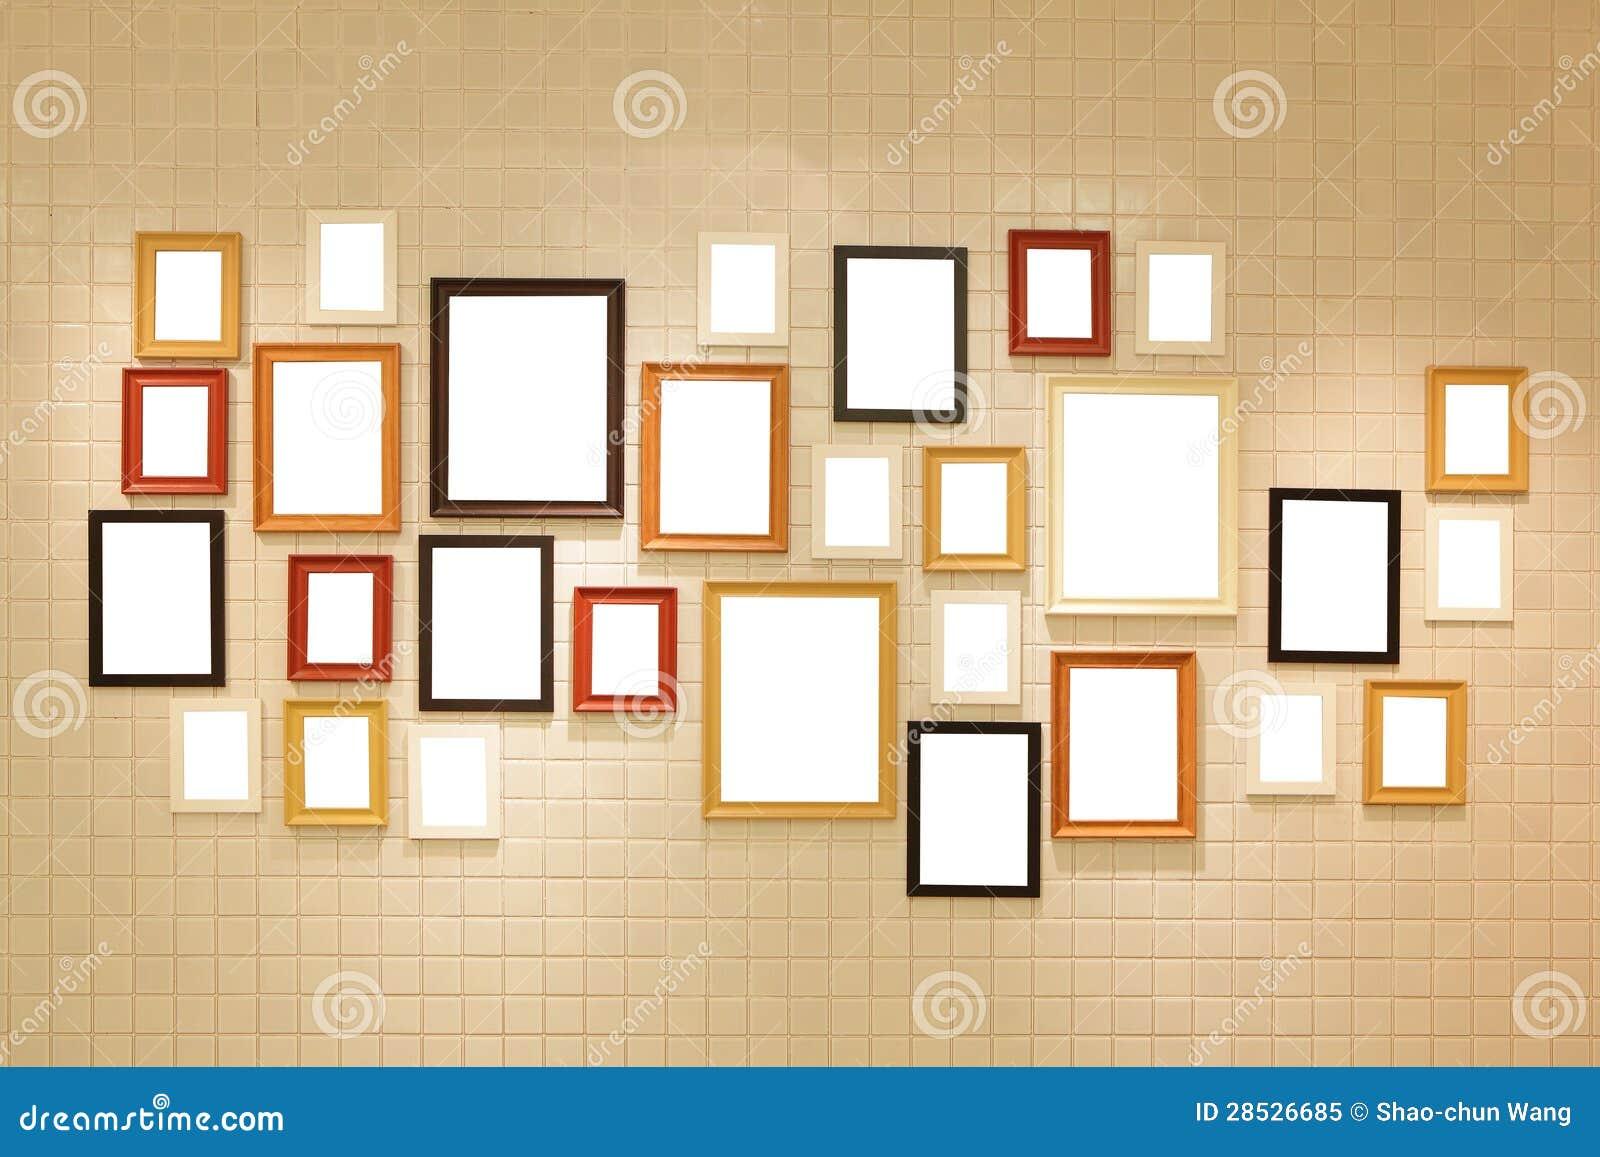 照片在墙壁上的美术画廊图片